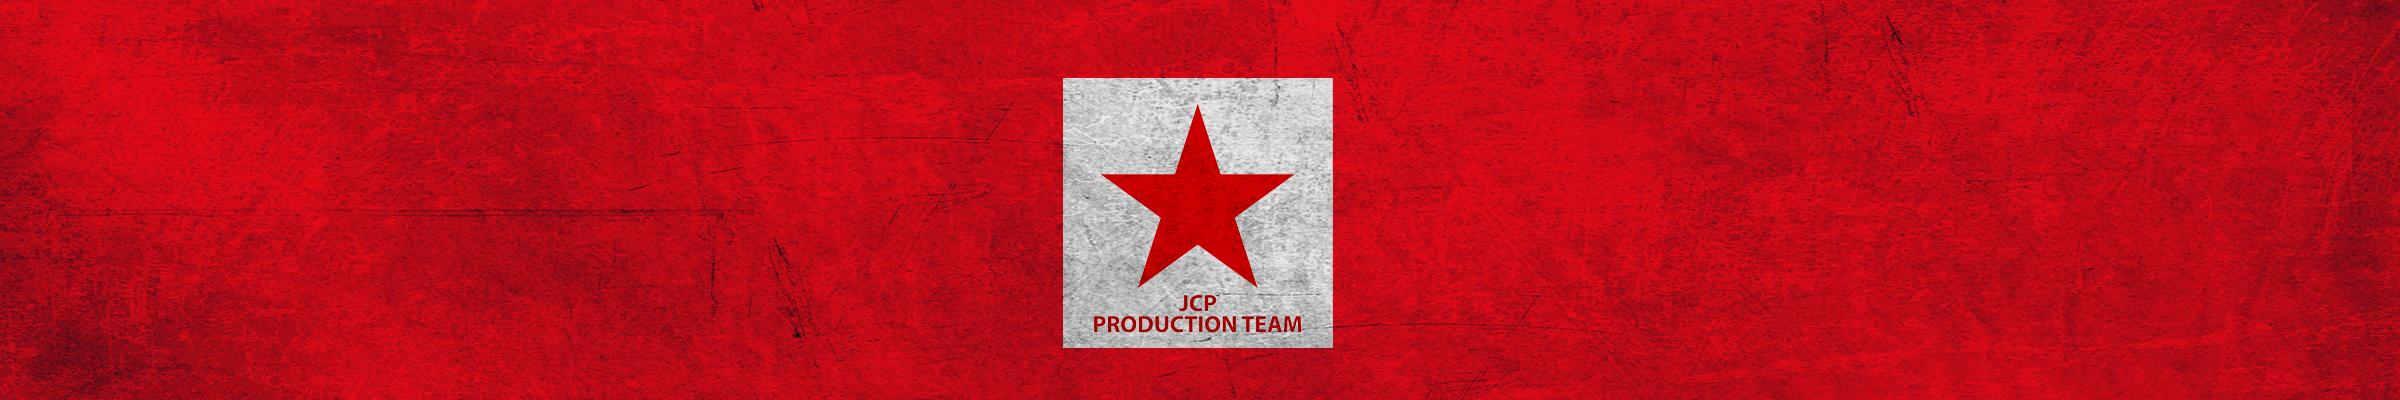 Junior Creative Professionals Production Team